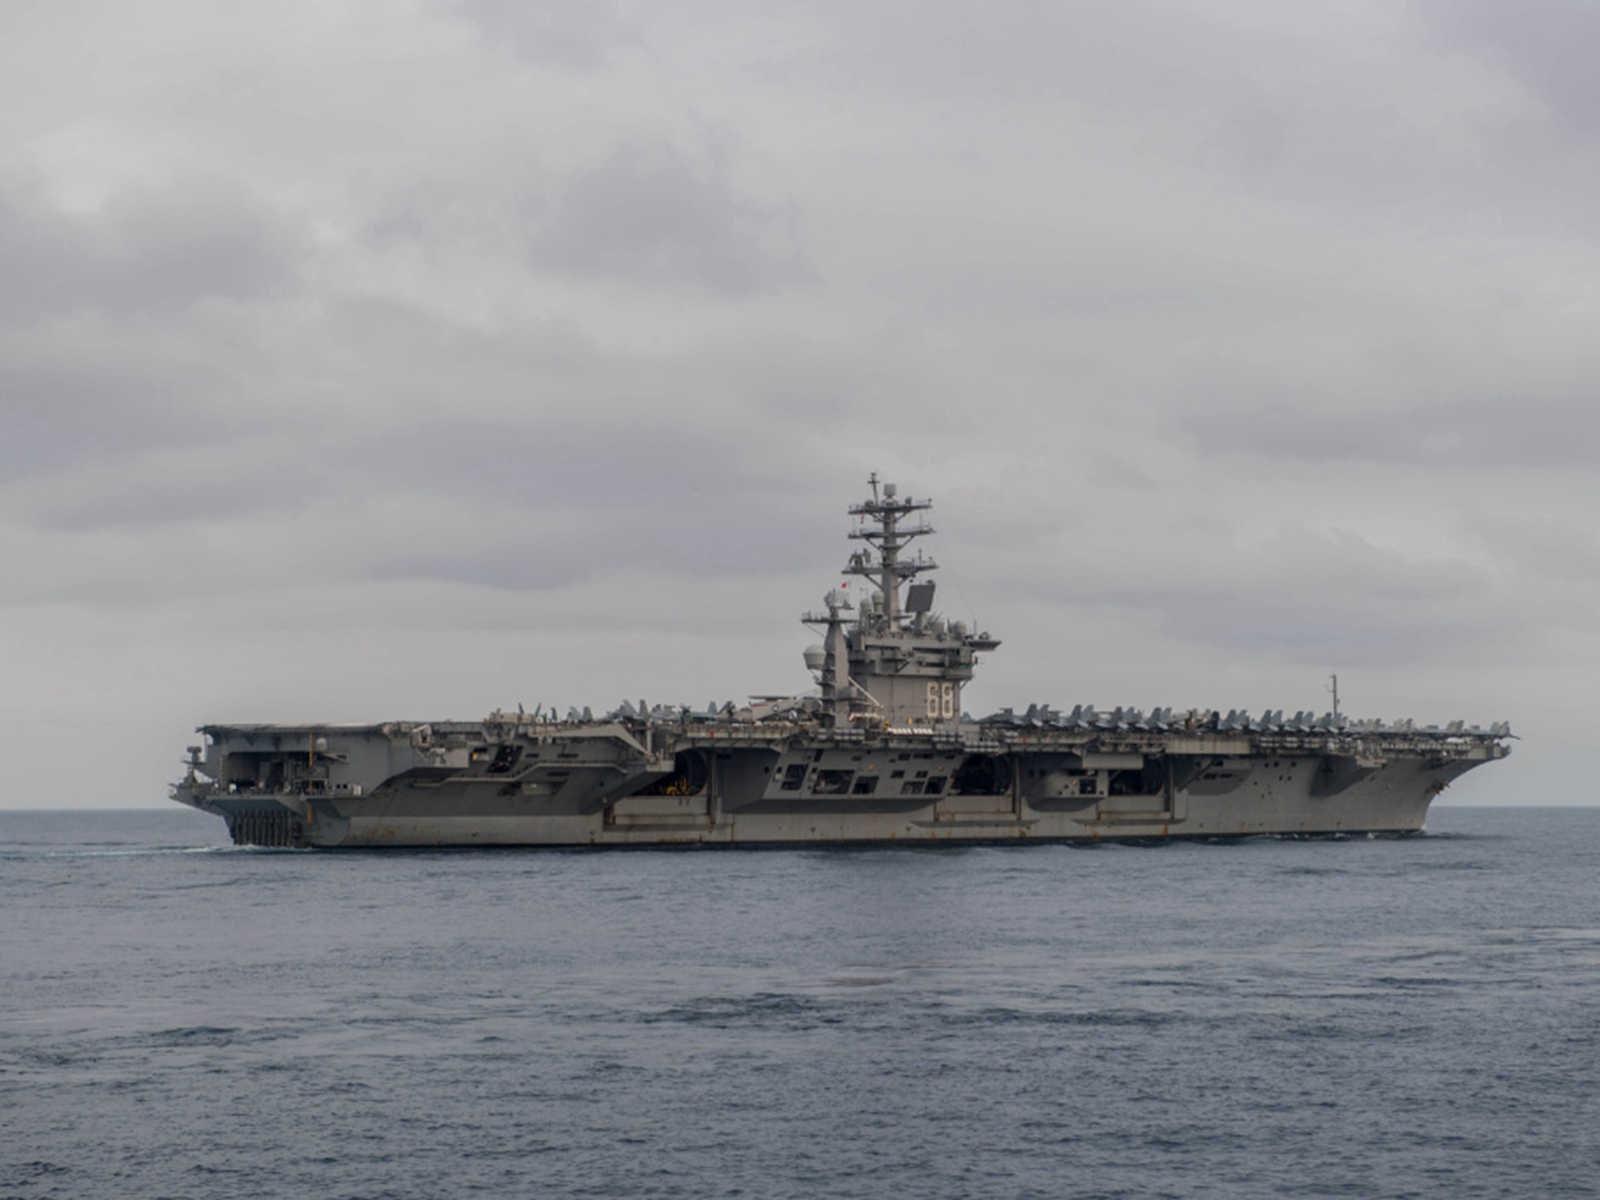 美军导弹驱逐舰闯入西沙领海 解放军强硬反制